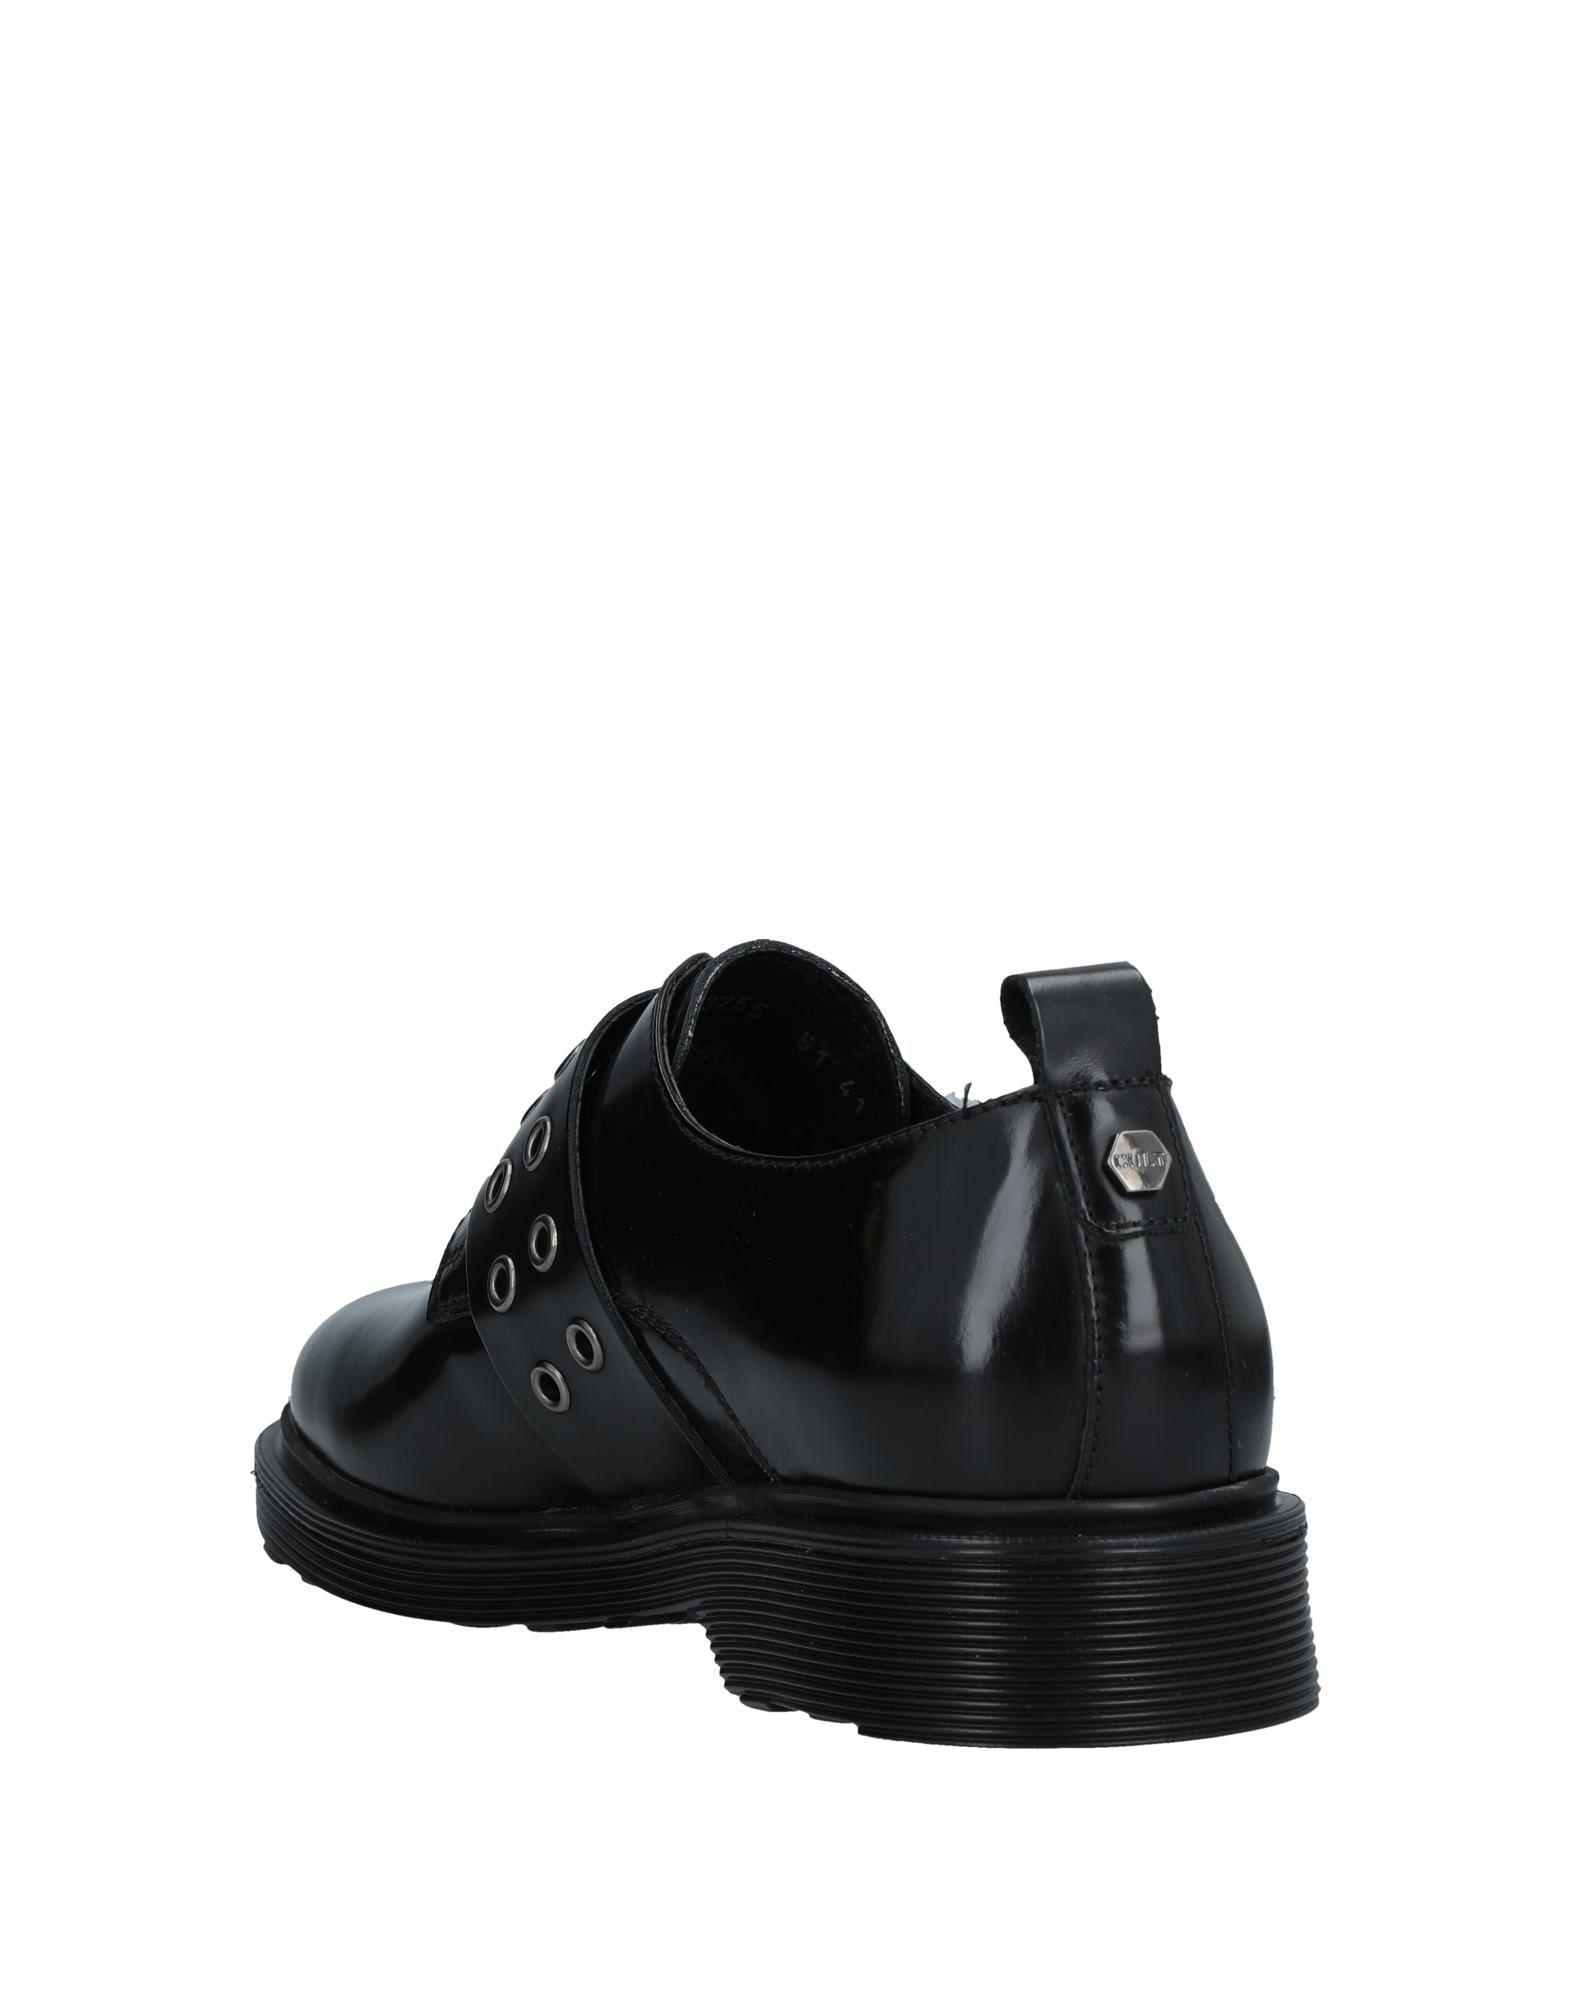 Rabatt echte Schuhe Herren Cult Mokassins Herren Schuhe  11532691GD 22ed4b